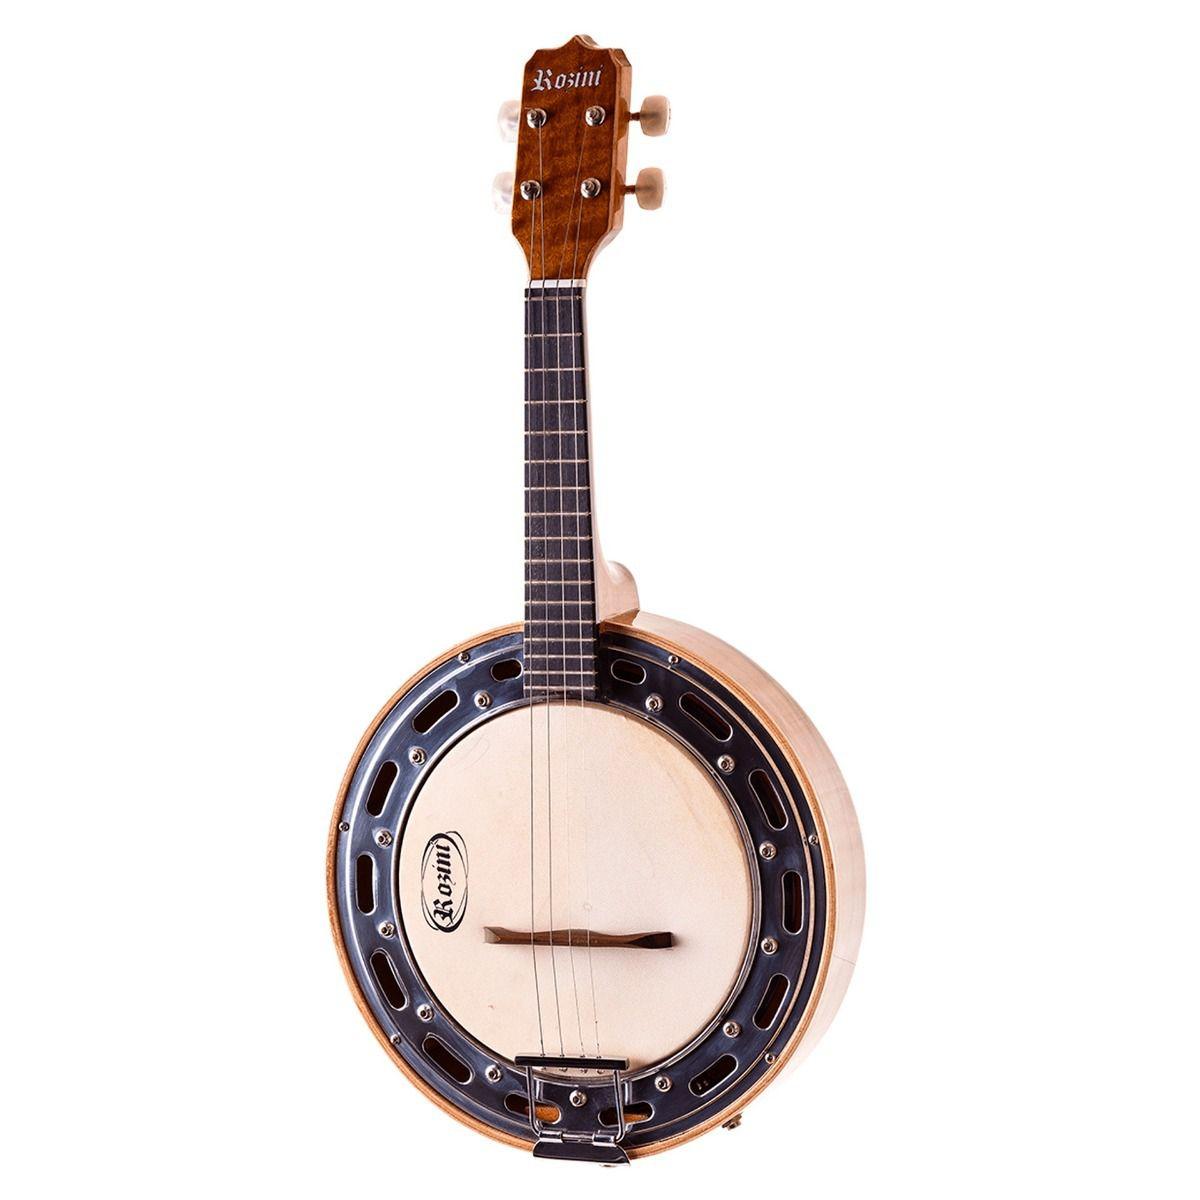 Banjo Studio Rozini Elétrico RJ11 ELN Imbuia